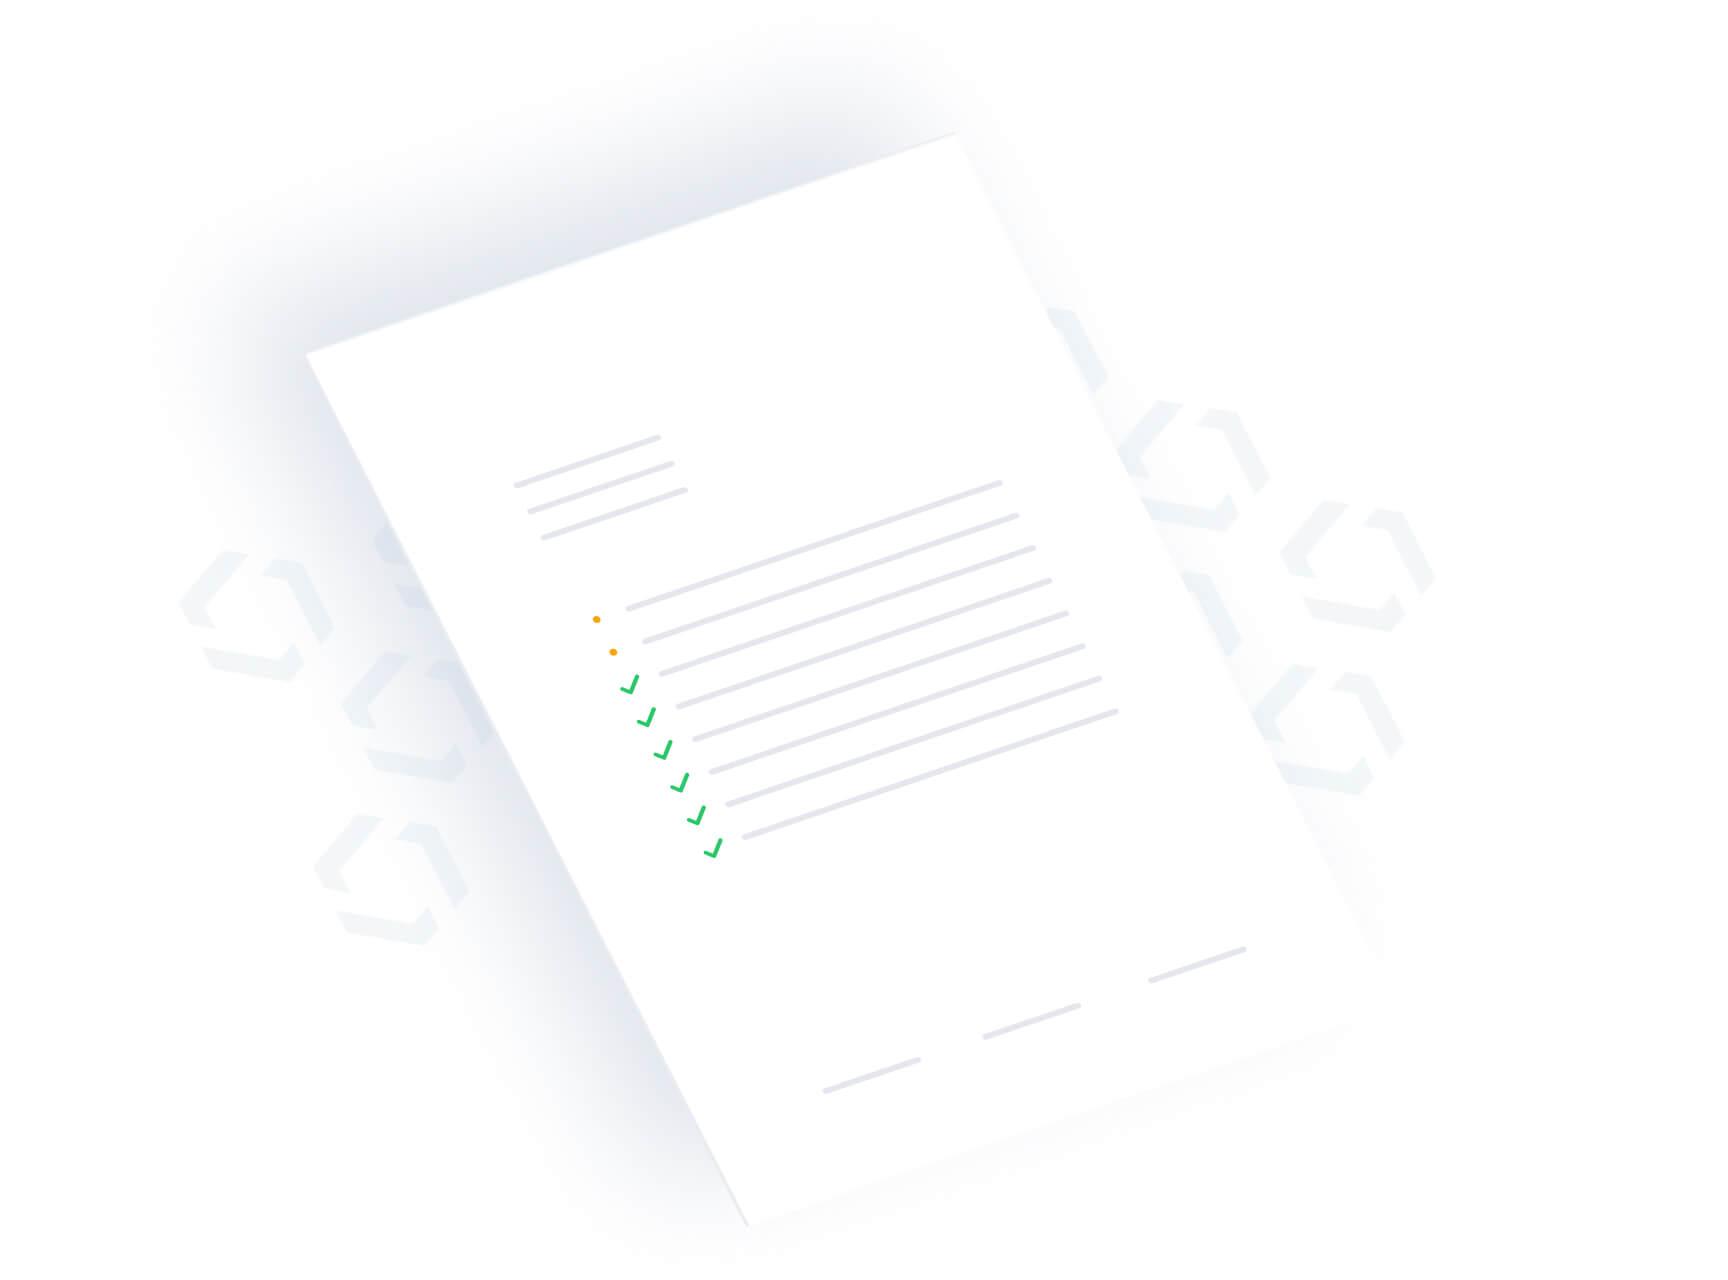 ettevotte likvideerimine nimekiri - 1dox digital